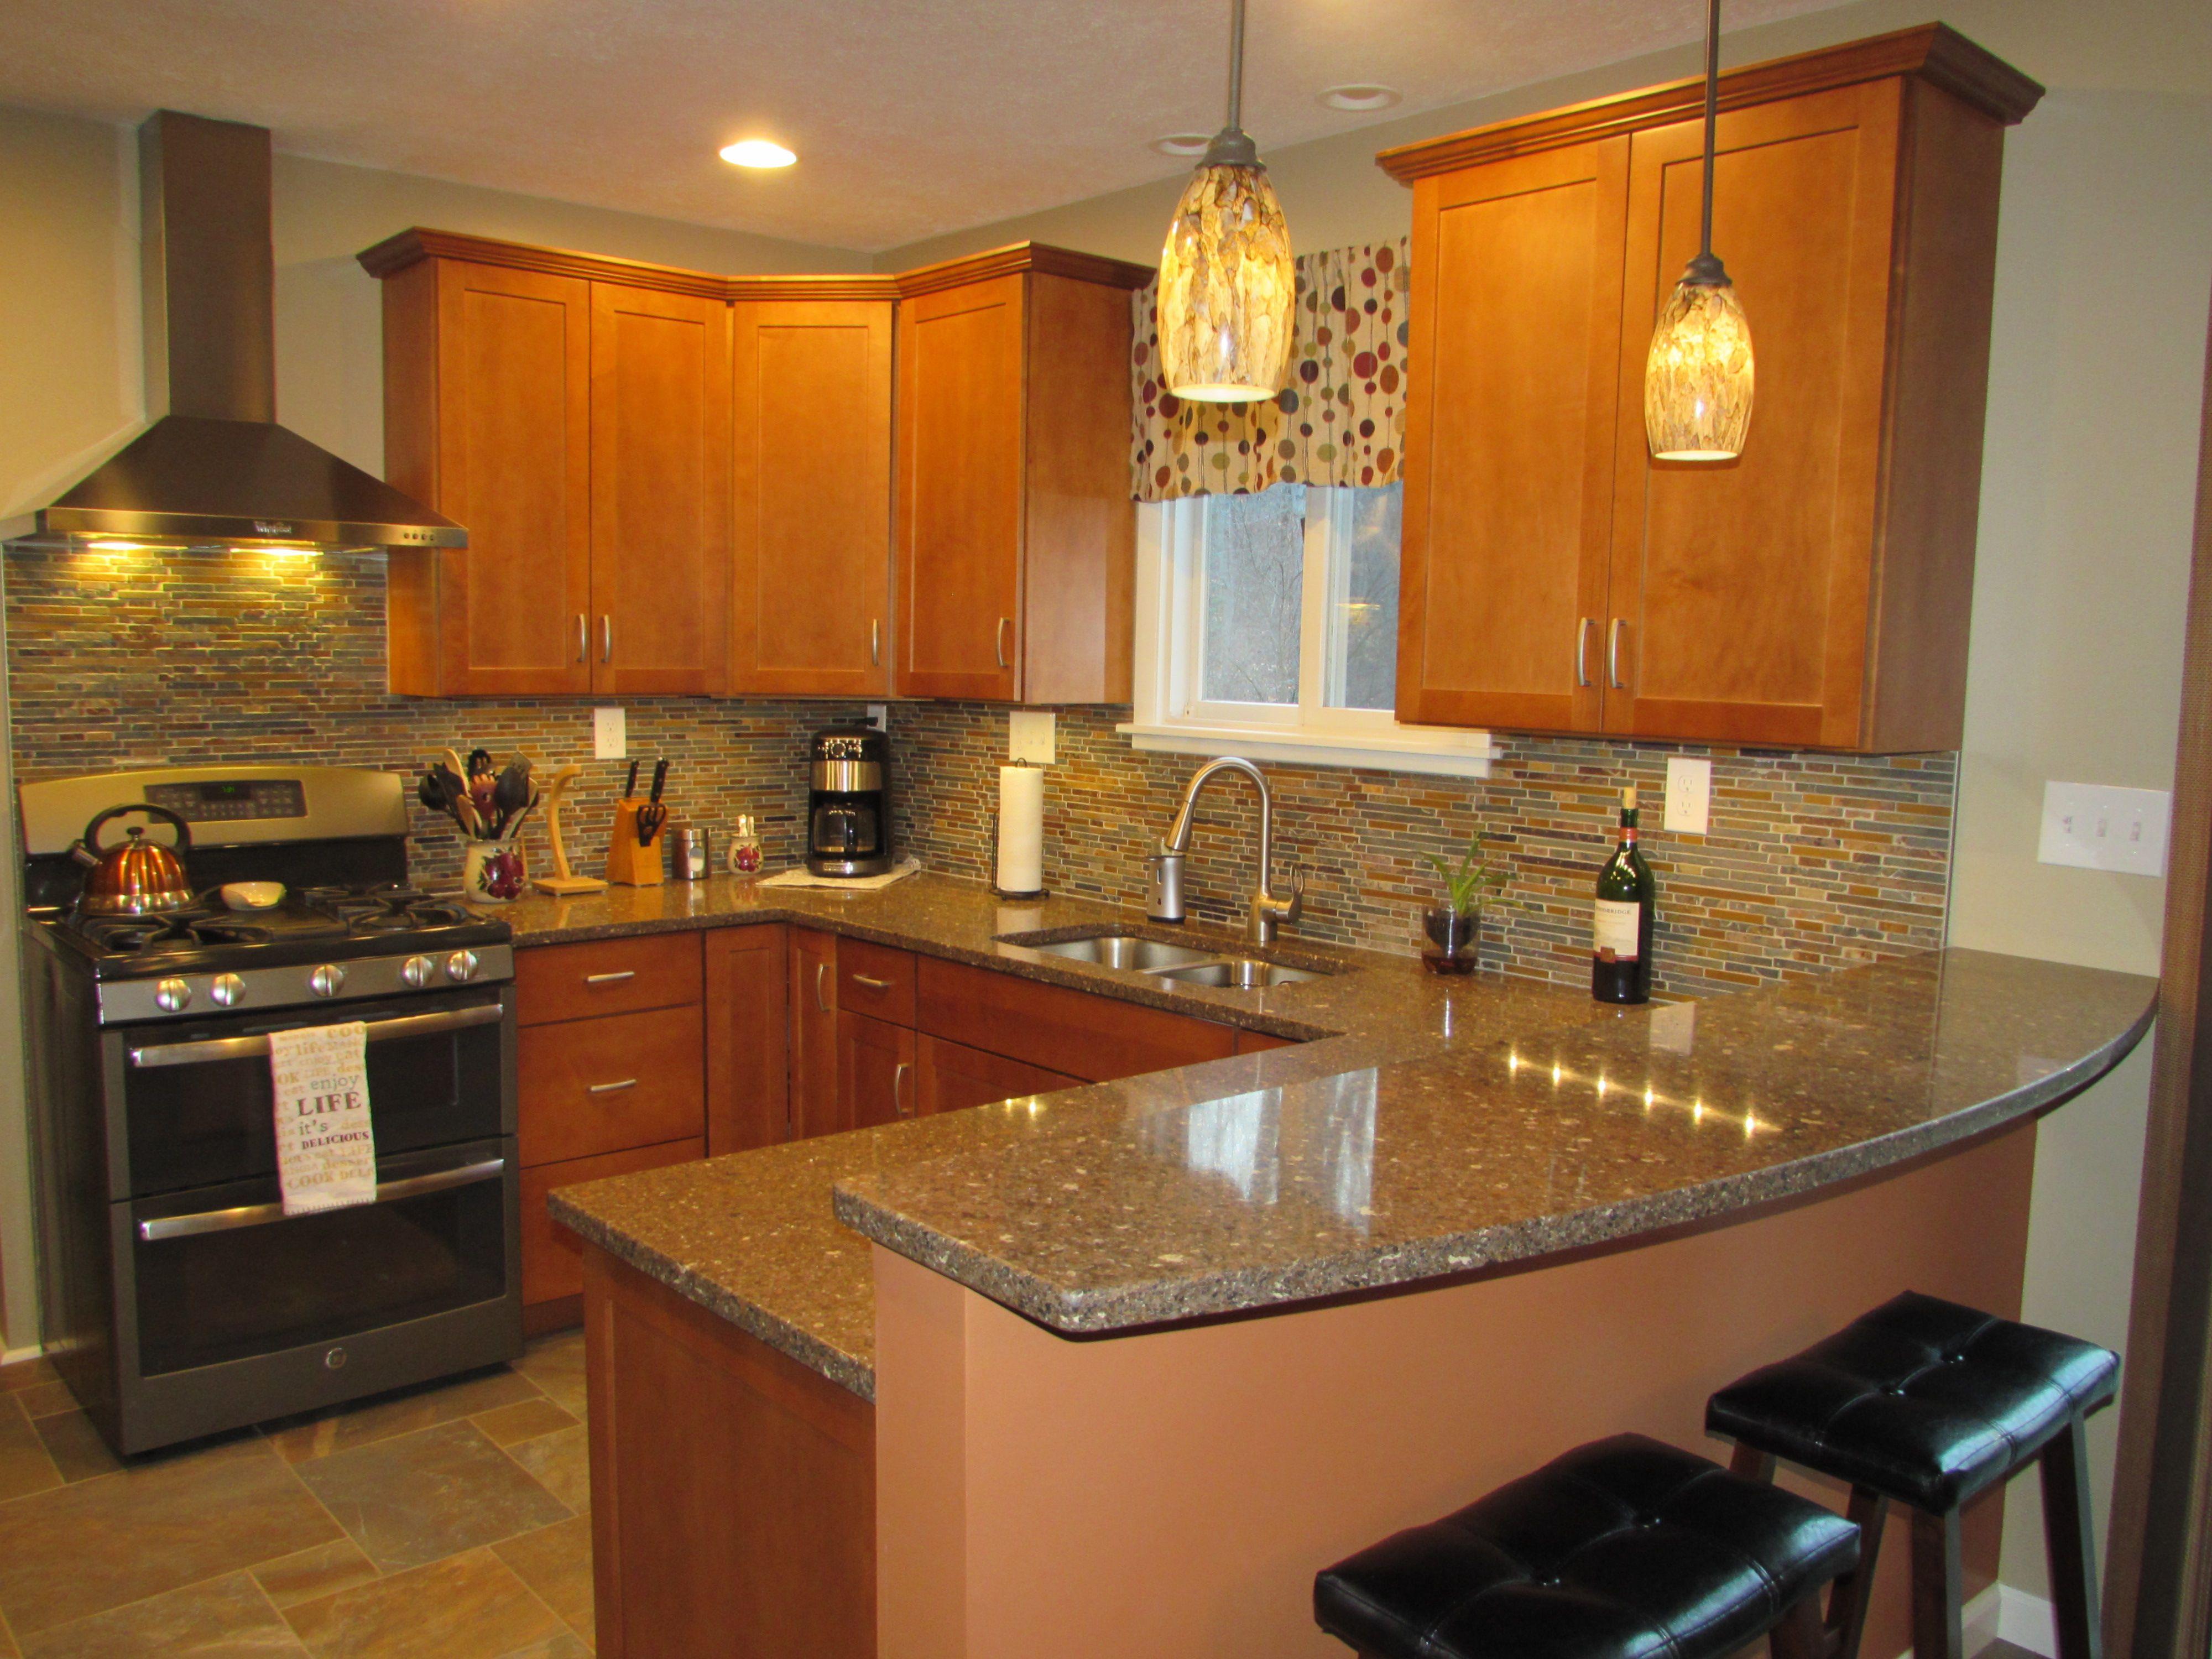 New Kitchenlove My Breakfast Bar Schrock Cabinets In Maple Prepossessing Design New Kitchen Design Inspiration